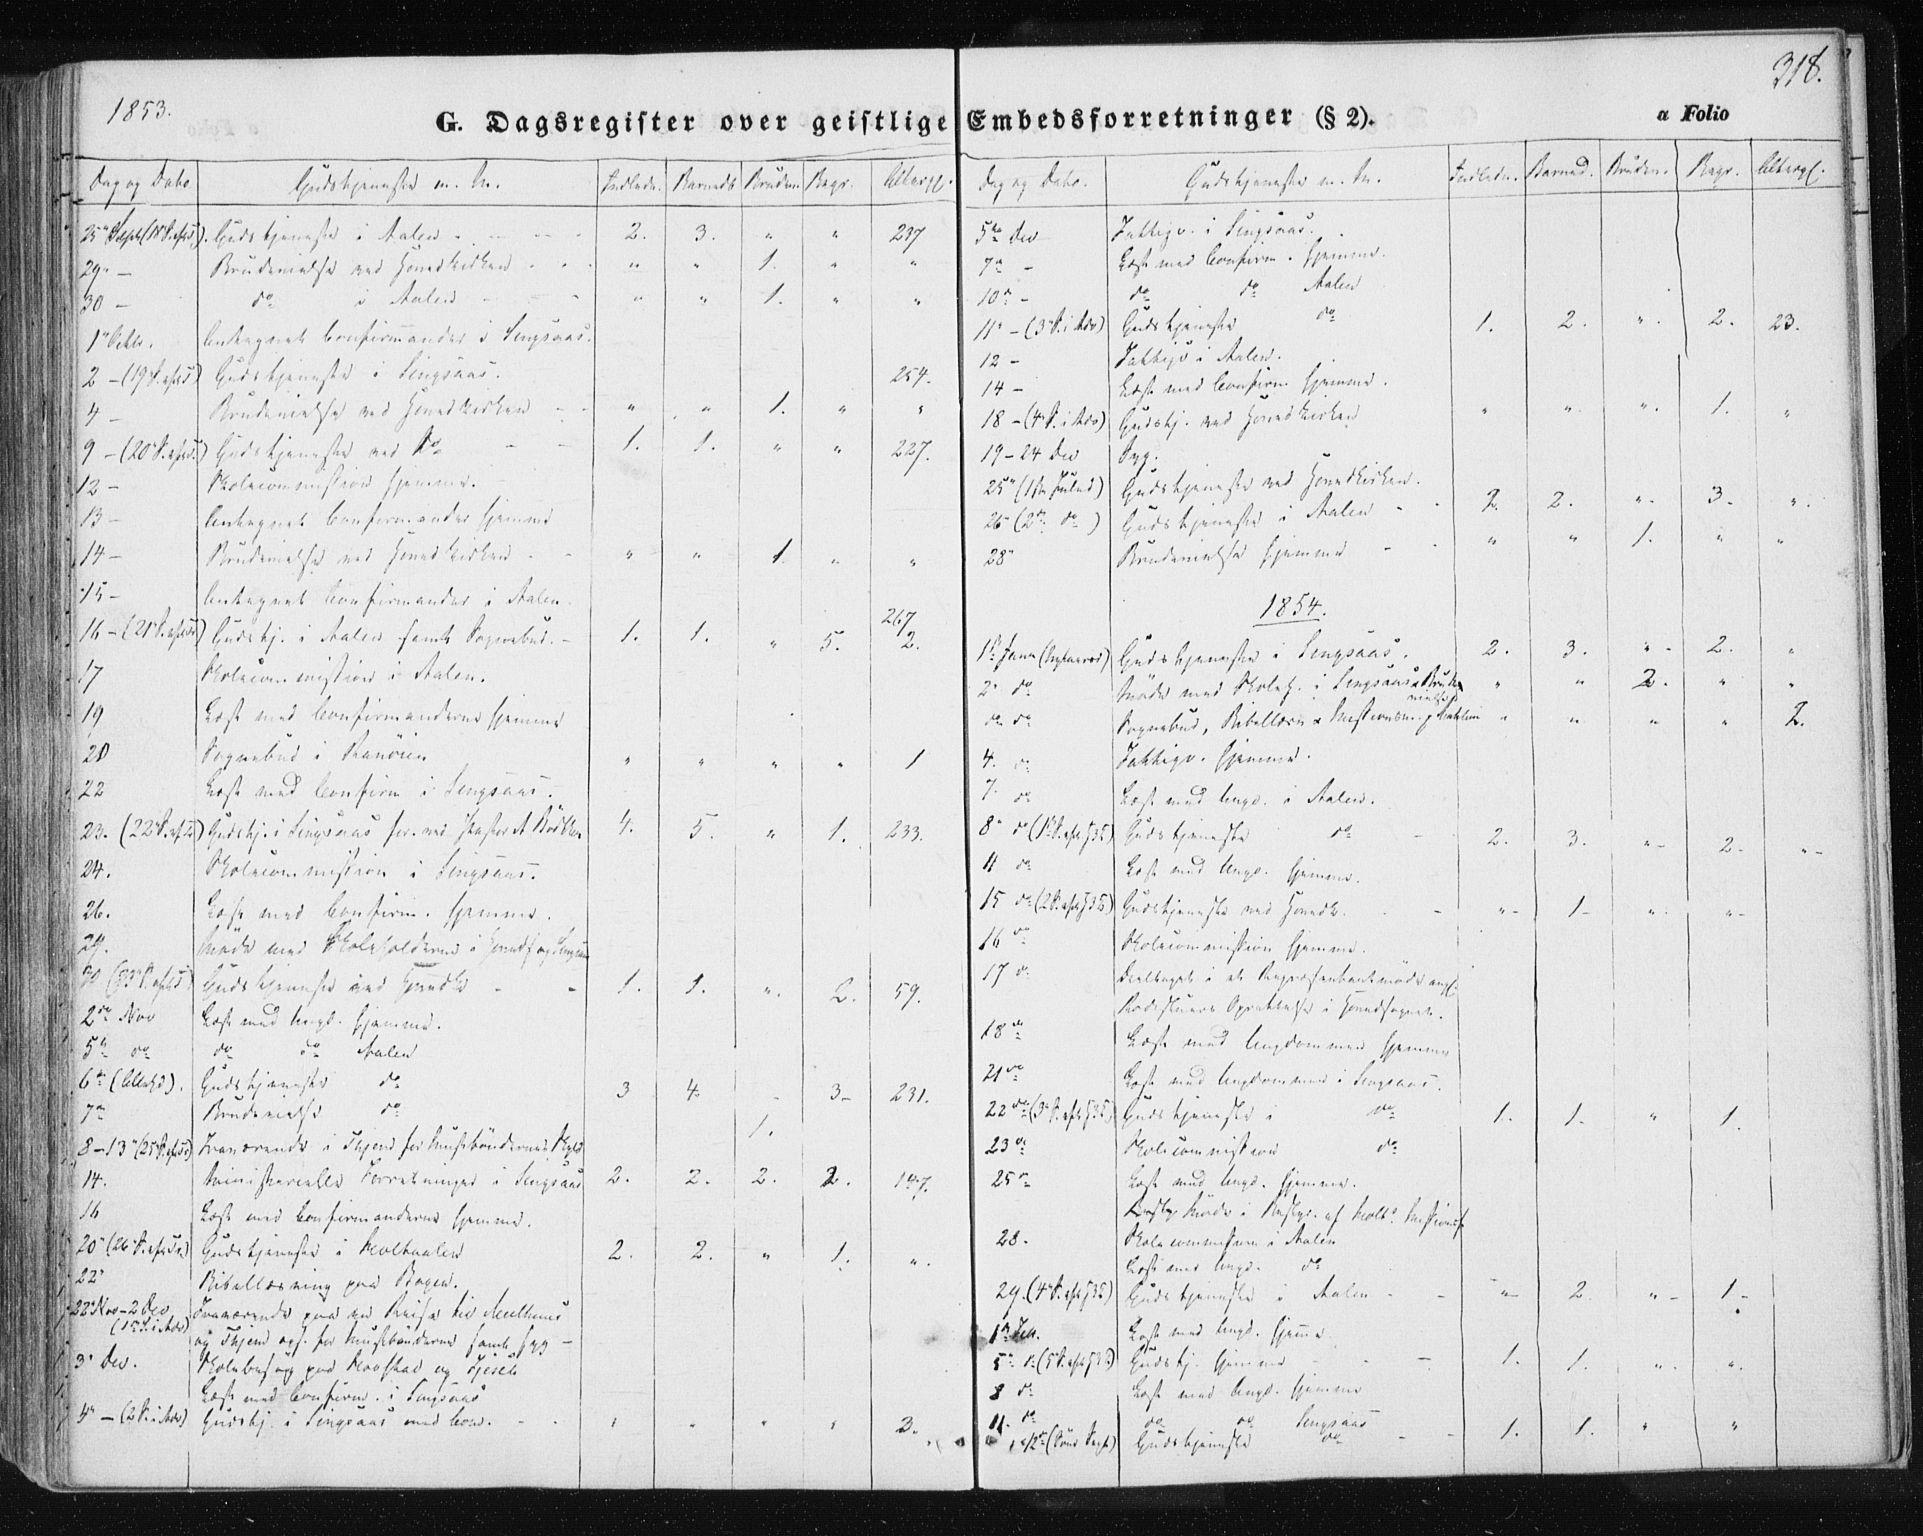 SAT, Ministerialprotokoller, klokkerbøker og fødselsregistre - Sør-Trøndelag, 685/L0963: Ministerialbok nr. 685A06 /1, 1846-1859, s. 318